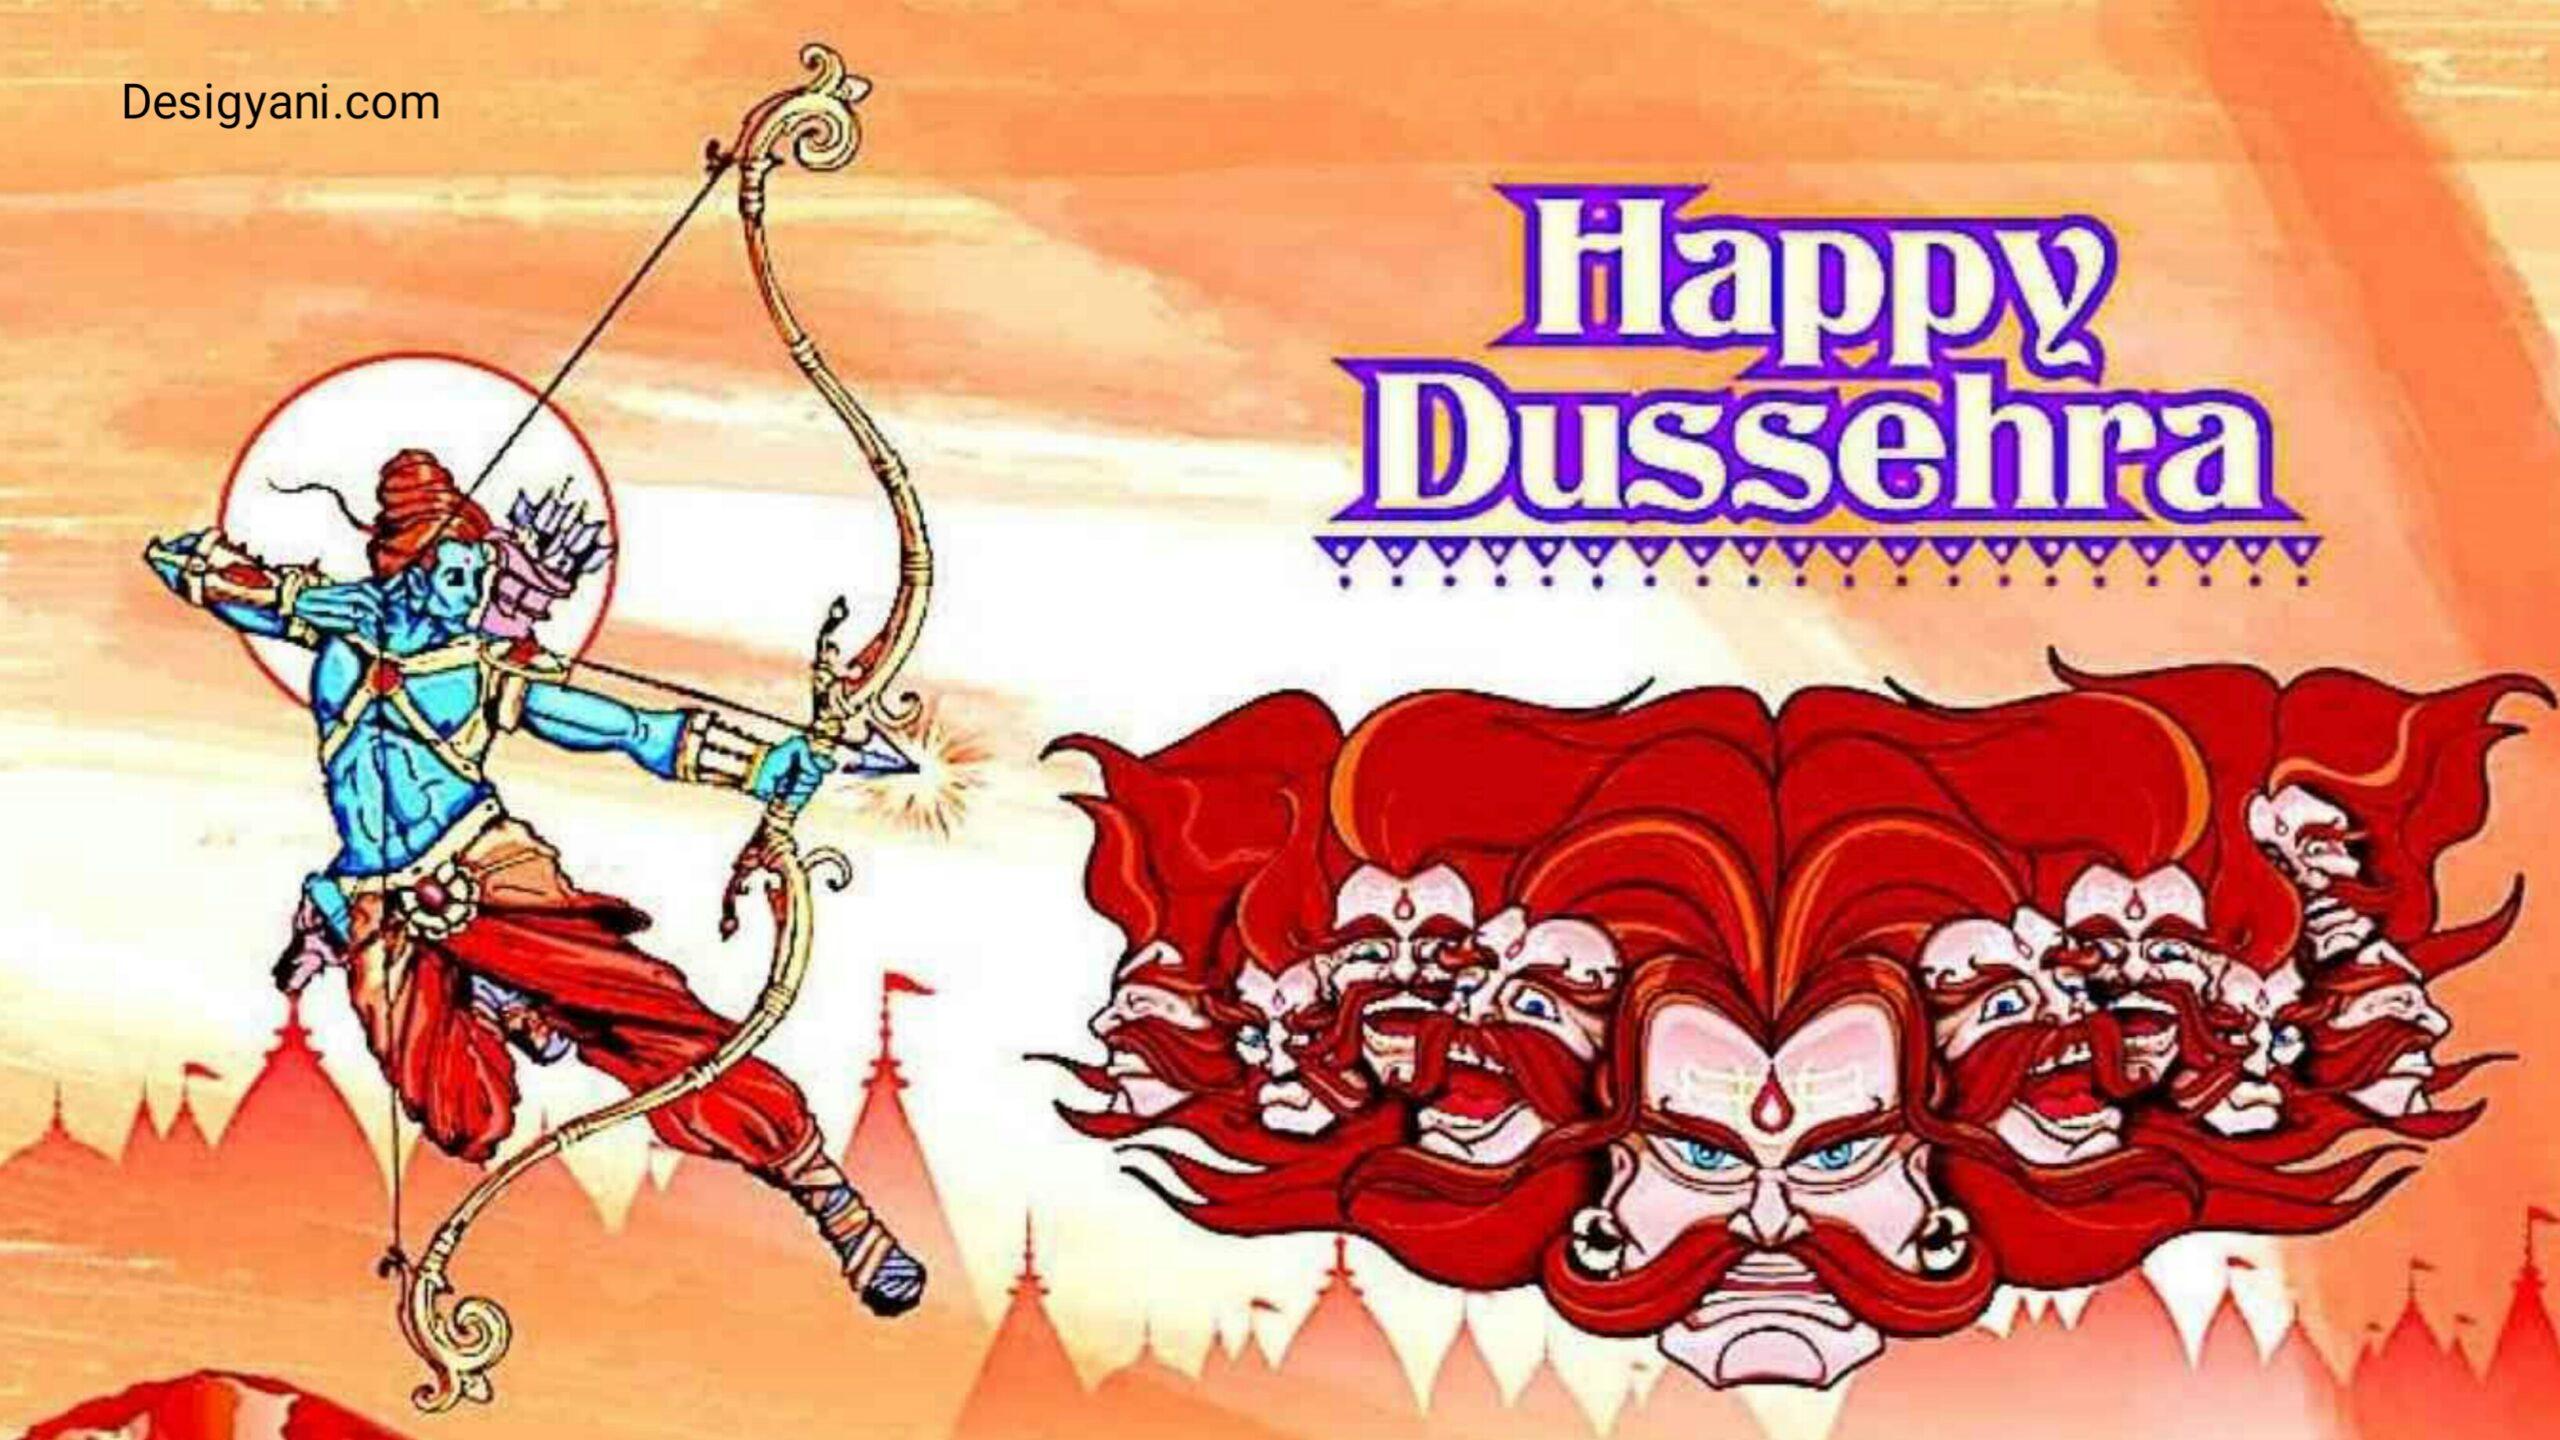 दशहरा (Dussehra)/ विजयदशमी मनाये जाने का कारण, शुभ मुहूर्त, महत्व, पूजा विधि, बधाई सन्देश, Wish, Quotes, Messages हिन्दी अंग्रेजी में